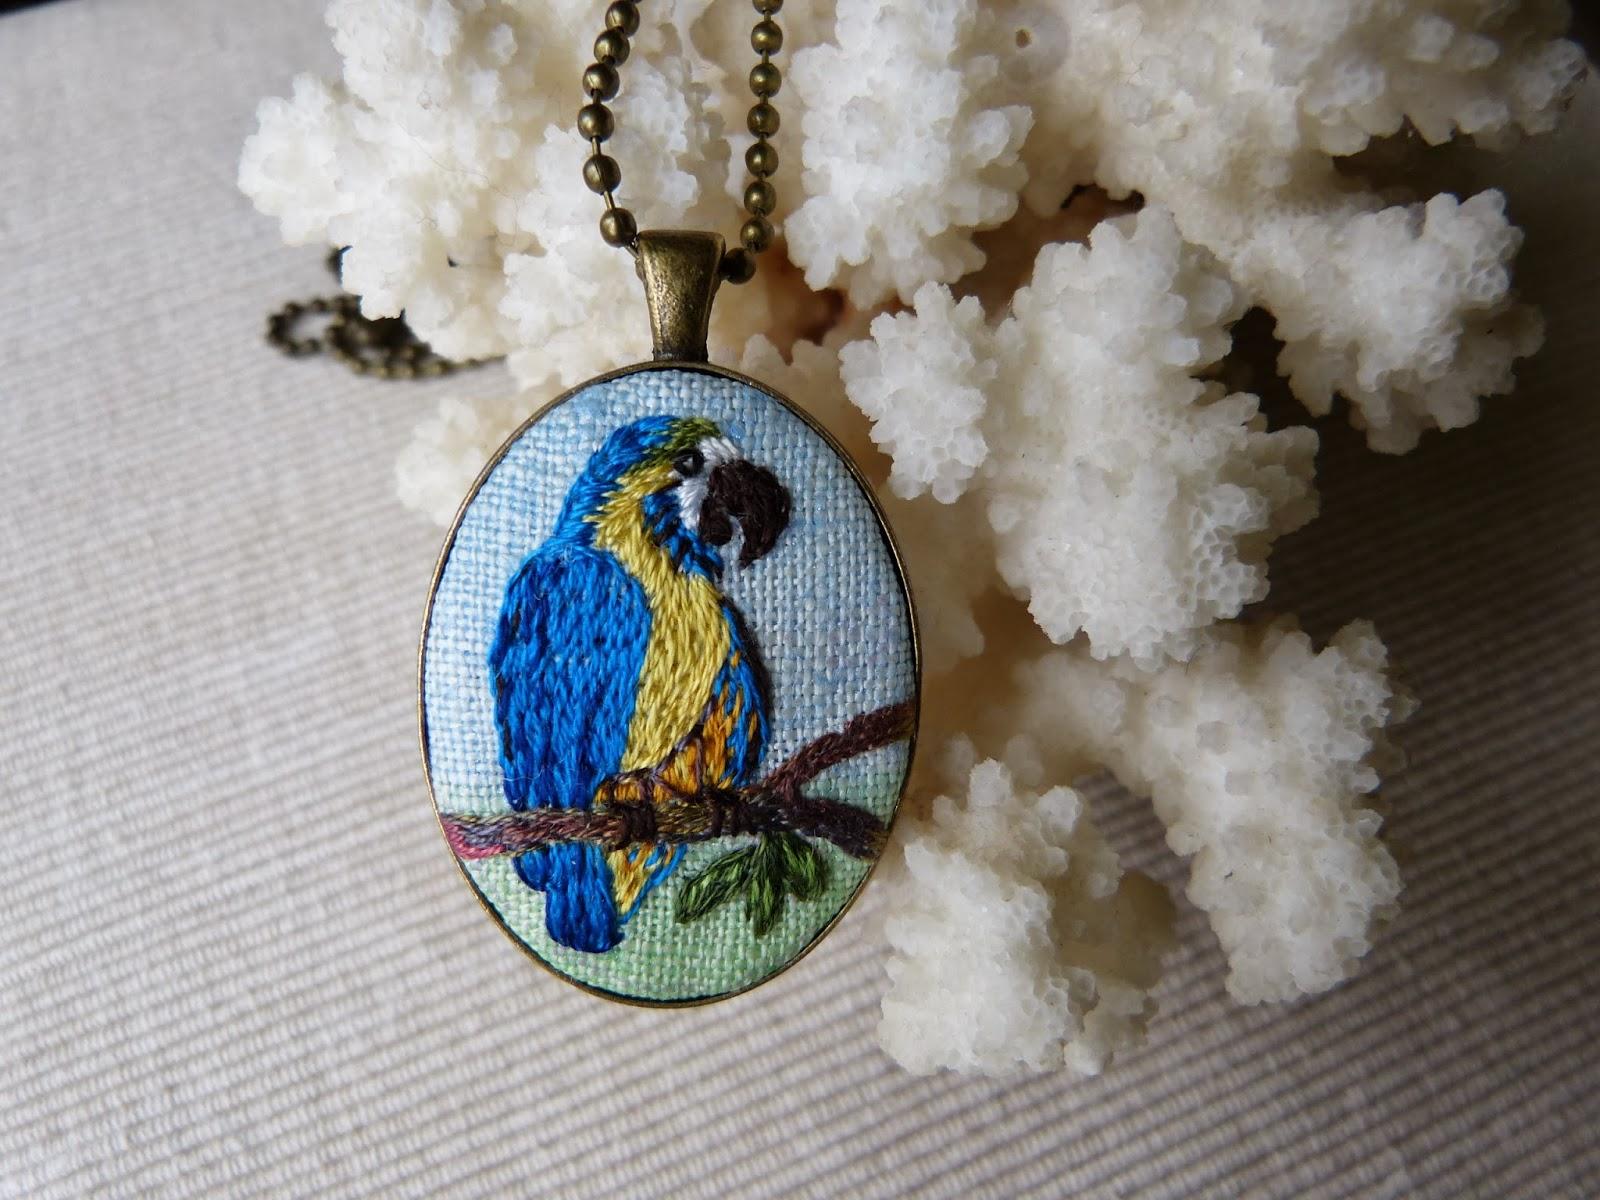 haftowany naszyjnik, naszyjnik z haftem, haft płaski - malarski, embroidered pendant, hand flat embroidery, medalion haftowany